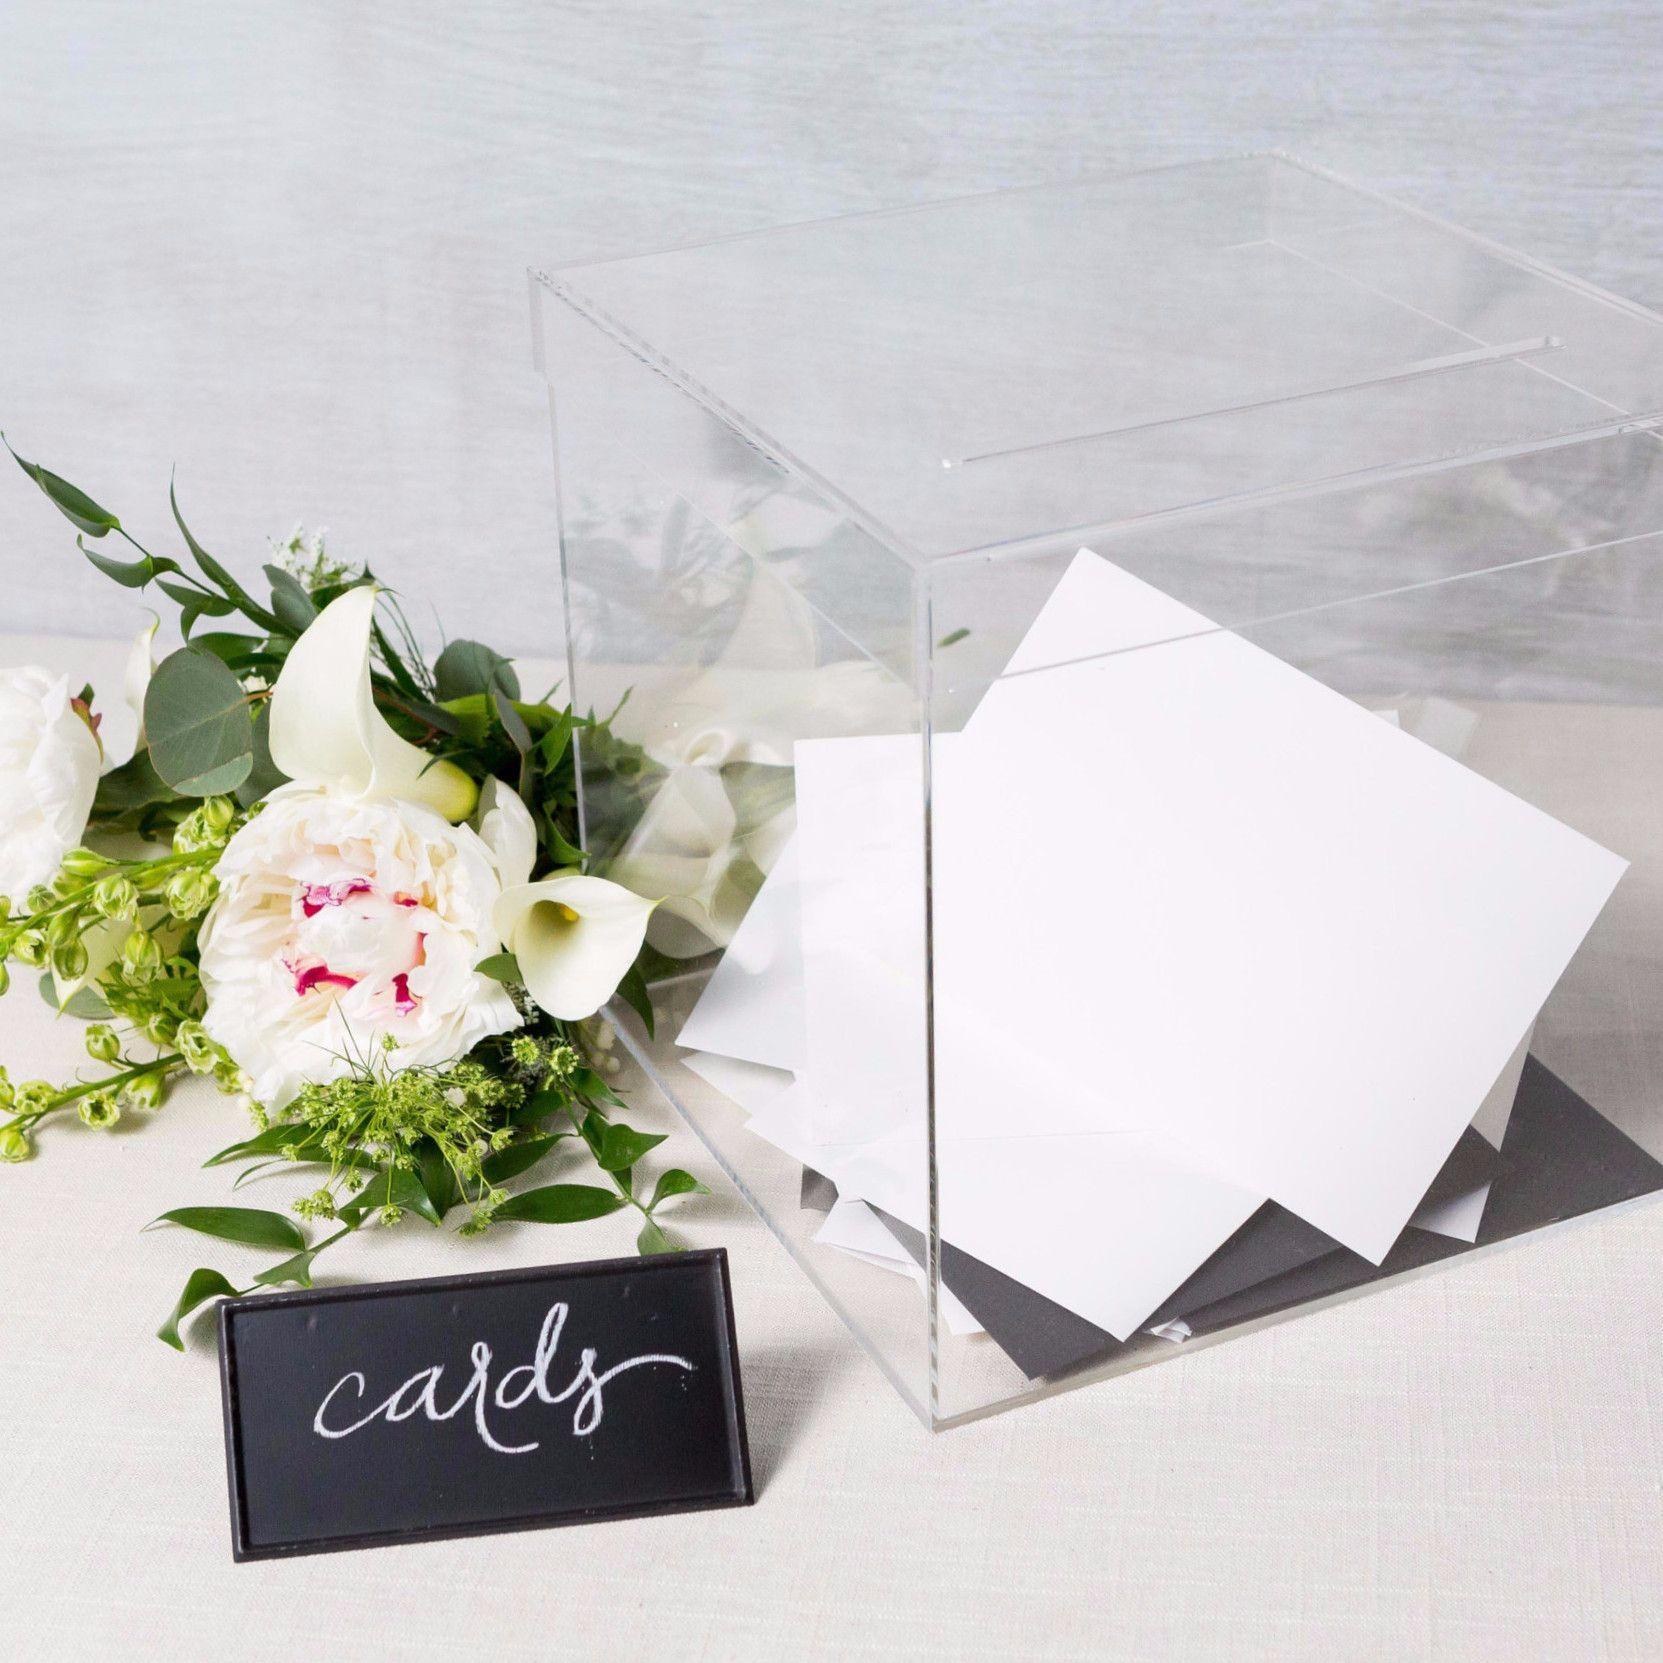 Clear Acrylic Card Box | Clear acrylic, Wedding keepsakes and ...